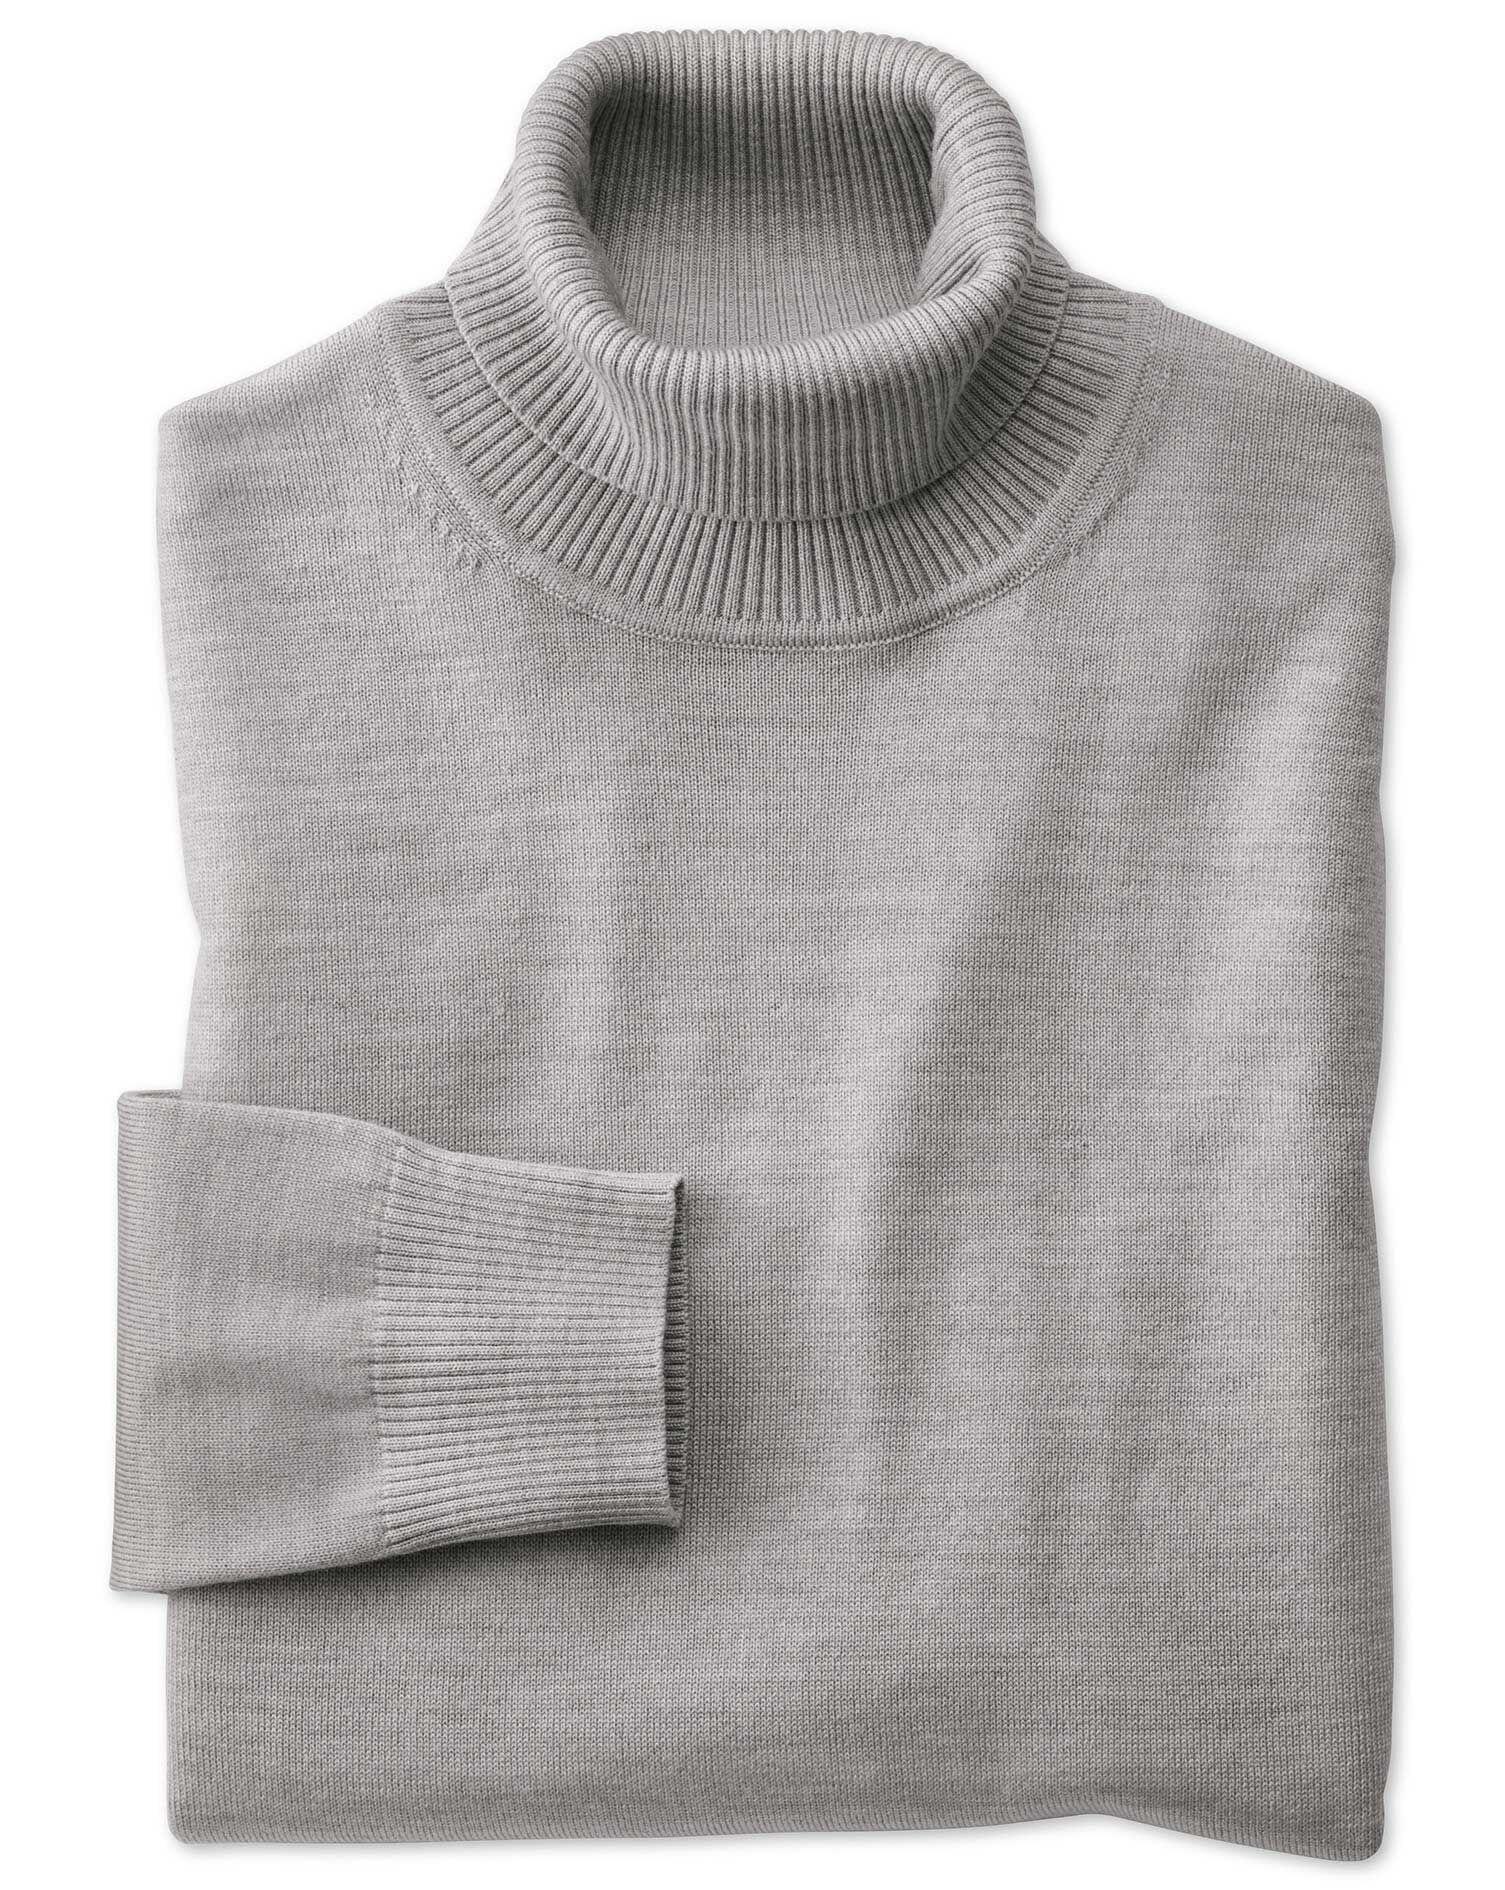 Silver roll neck merino jumper